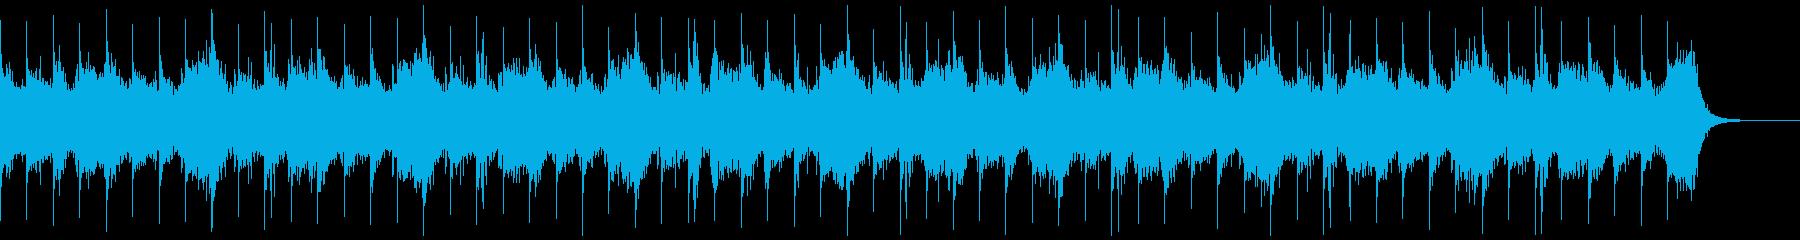 怪しい雰囲気・サスペンス・事件を推理するの再生済みの波形